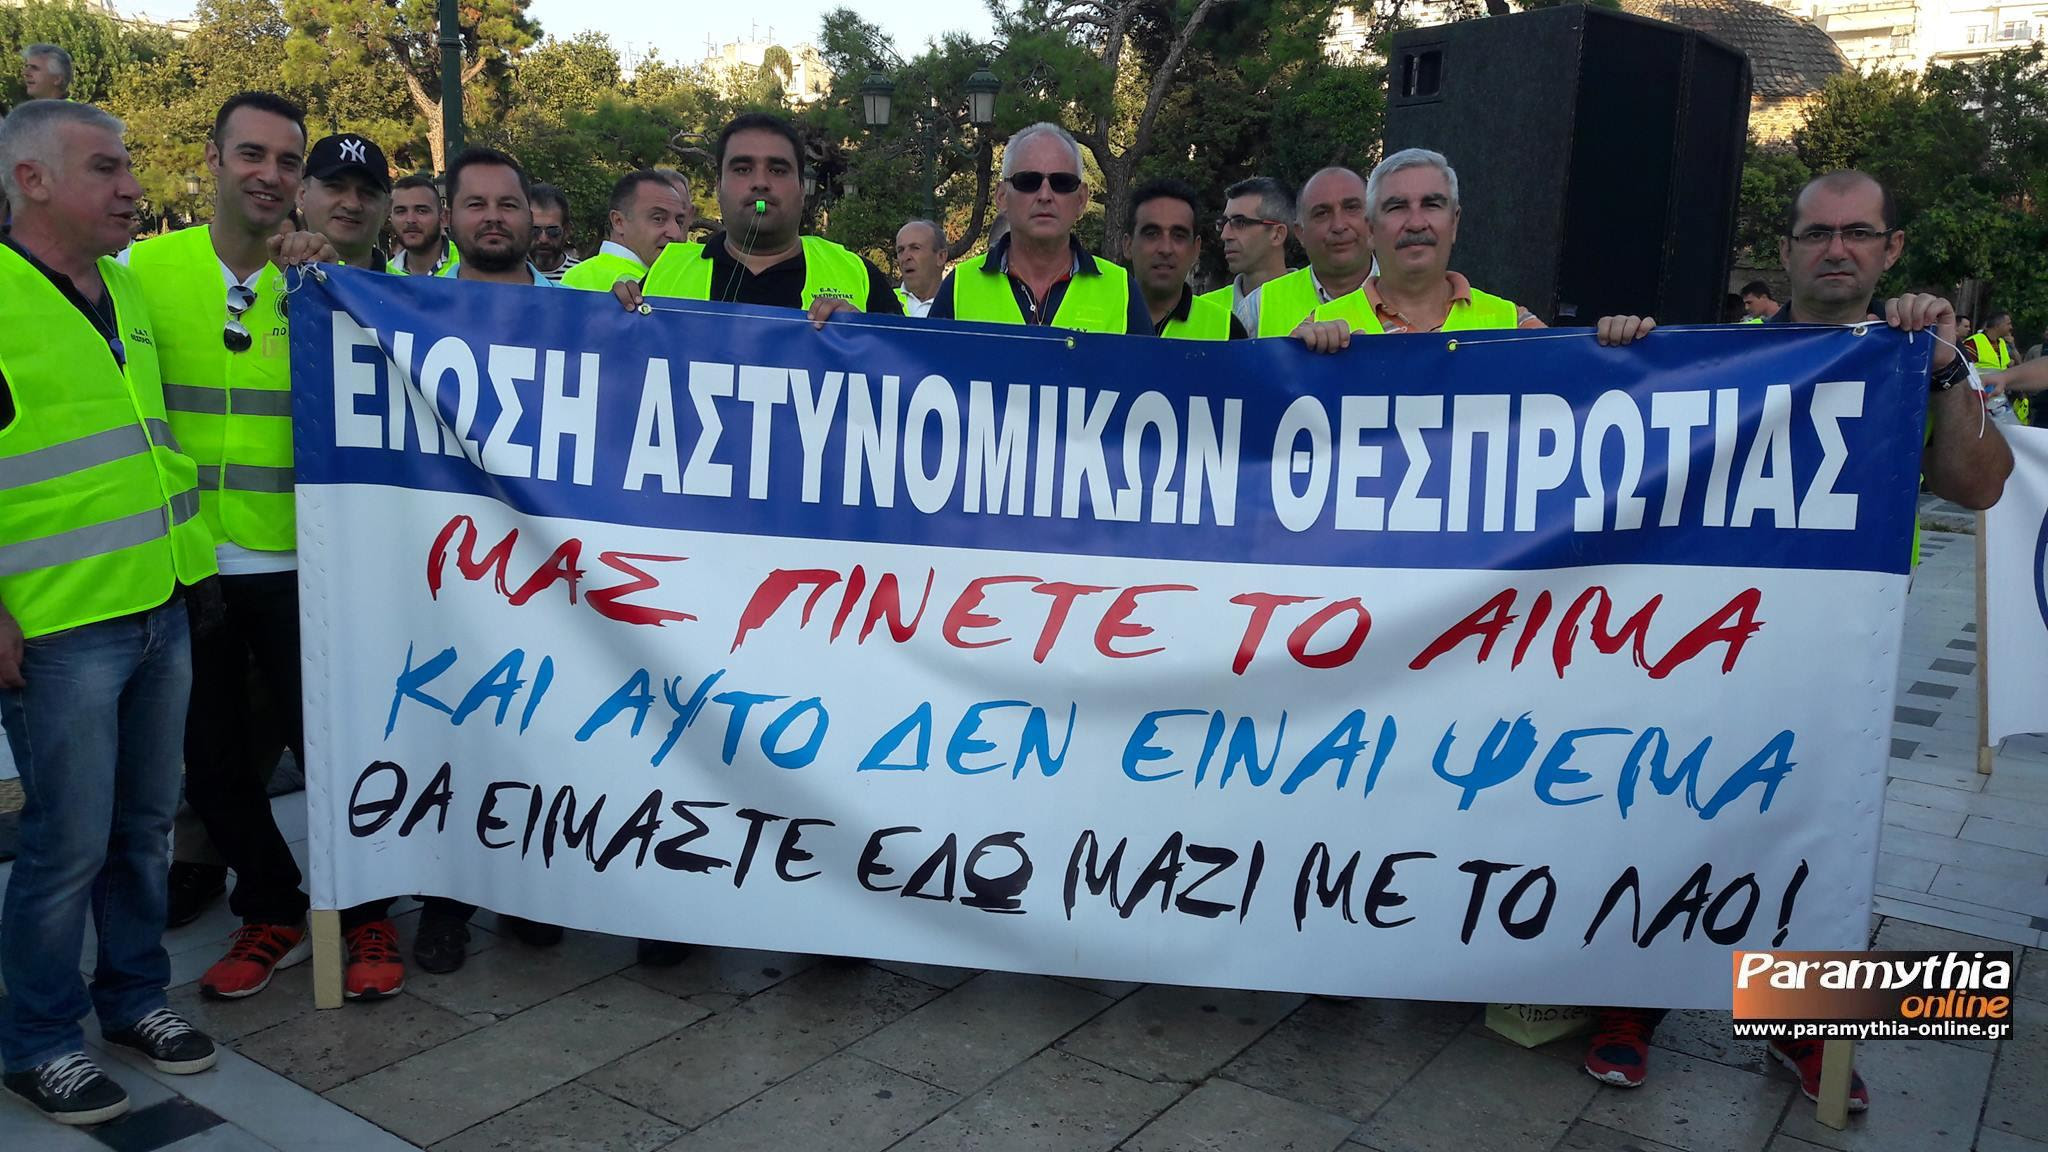 Θεσπρωτία: Στην ΔΕΘ για ένστολη διαμαρτυρία, αστυνομικοί της Θεσπρωτίας